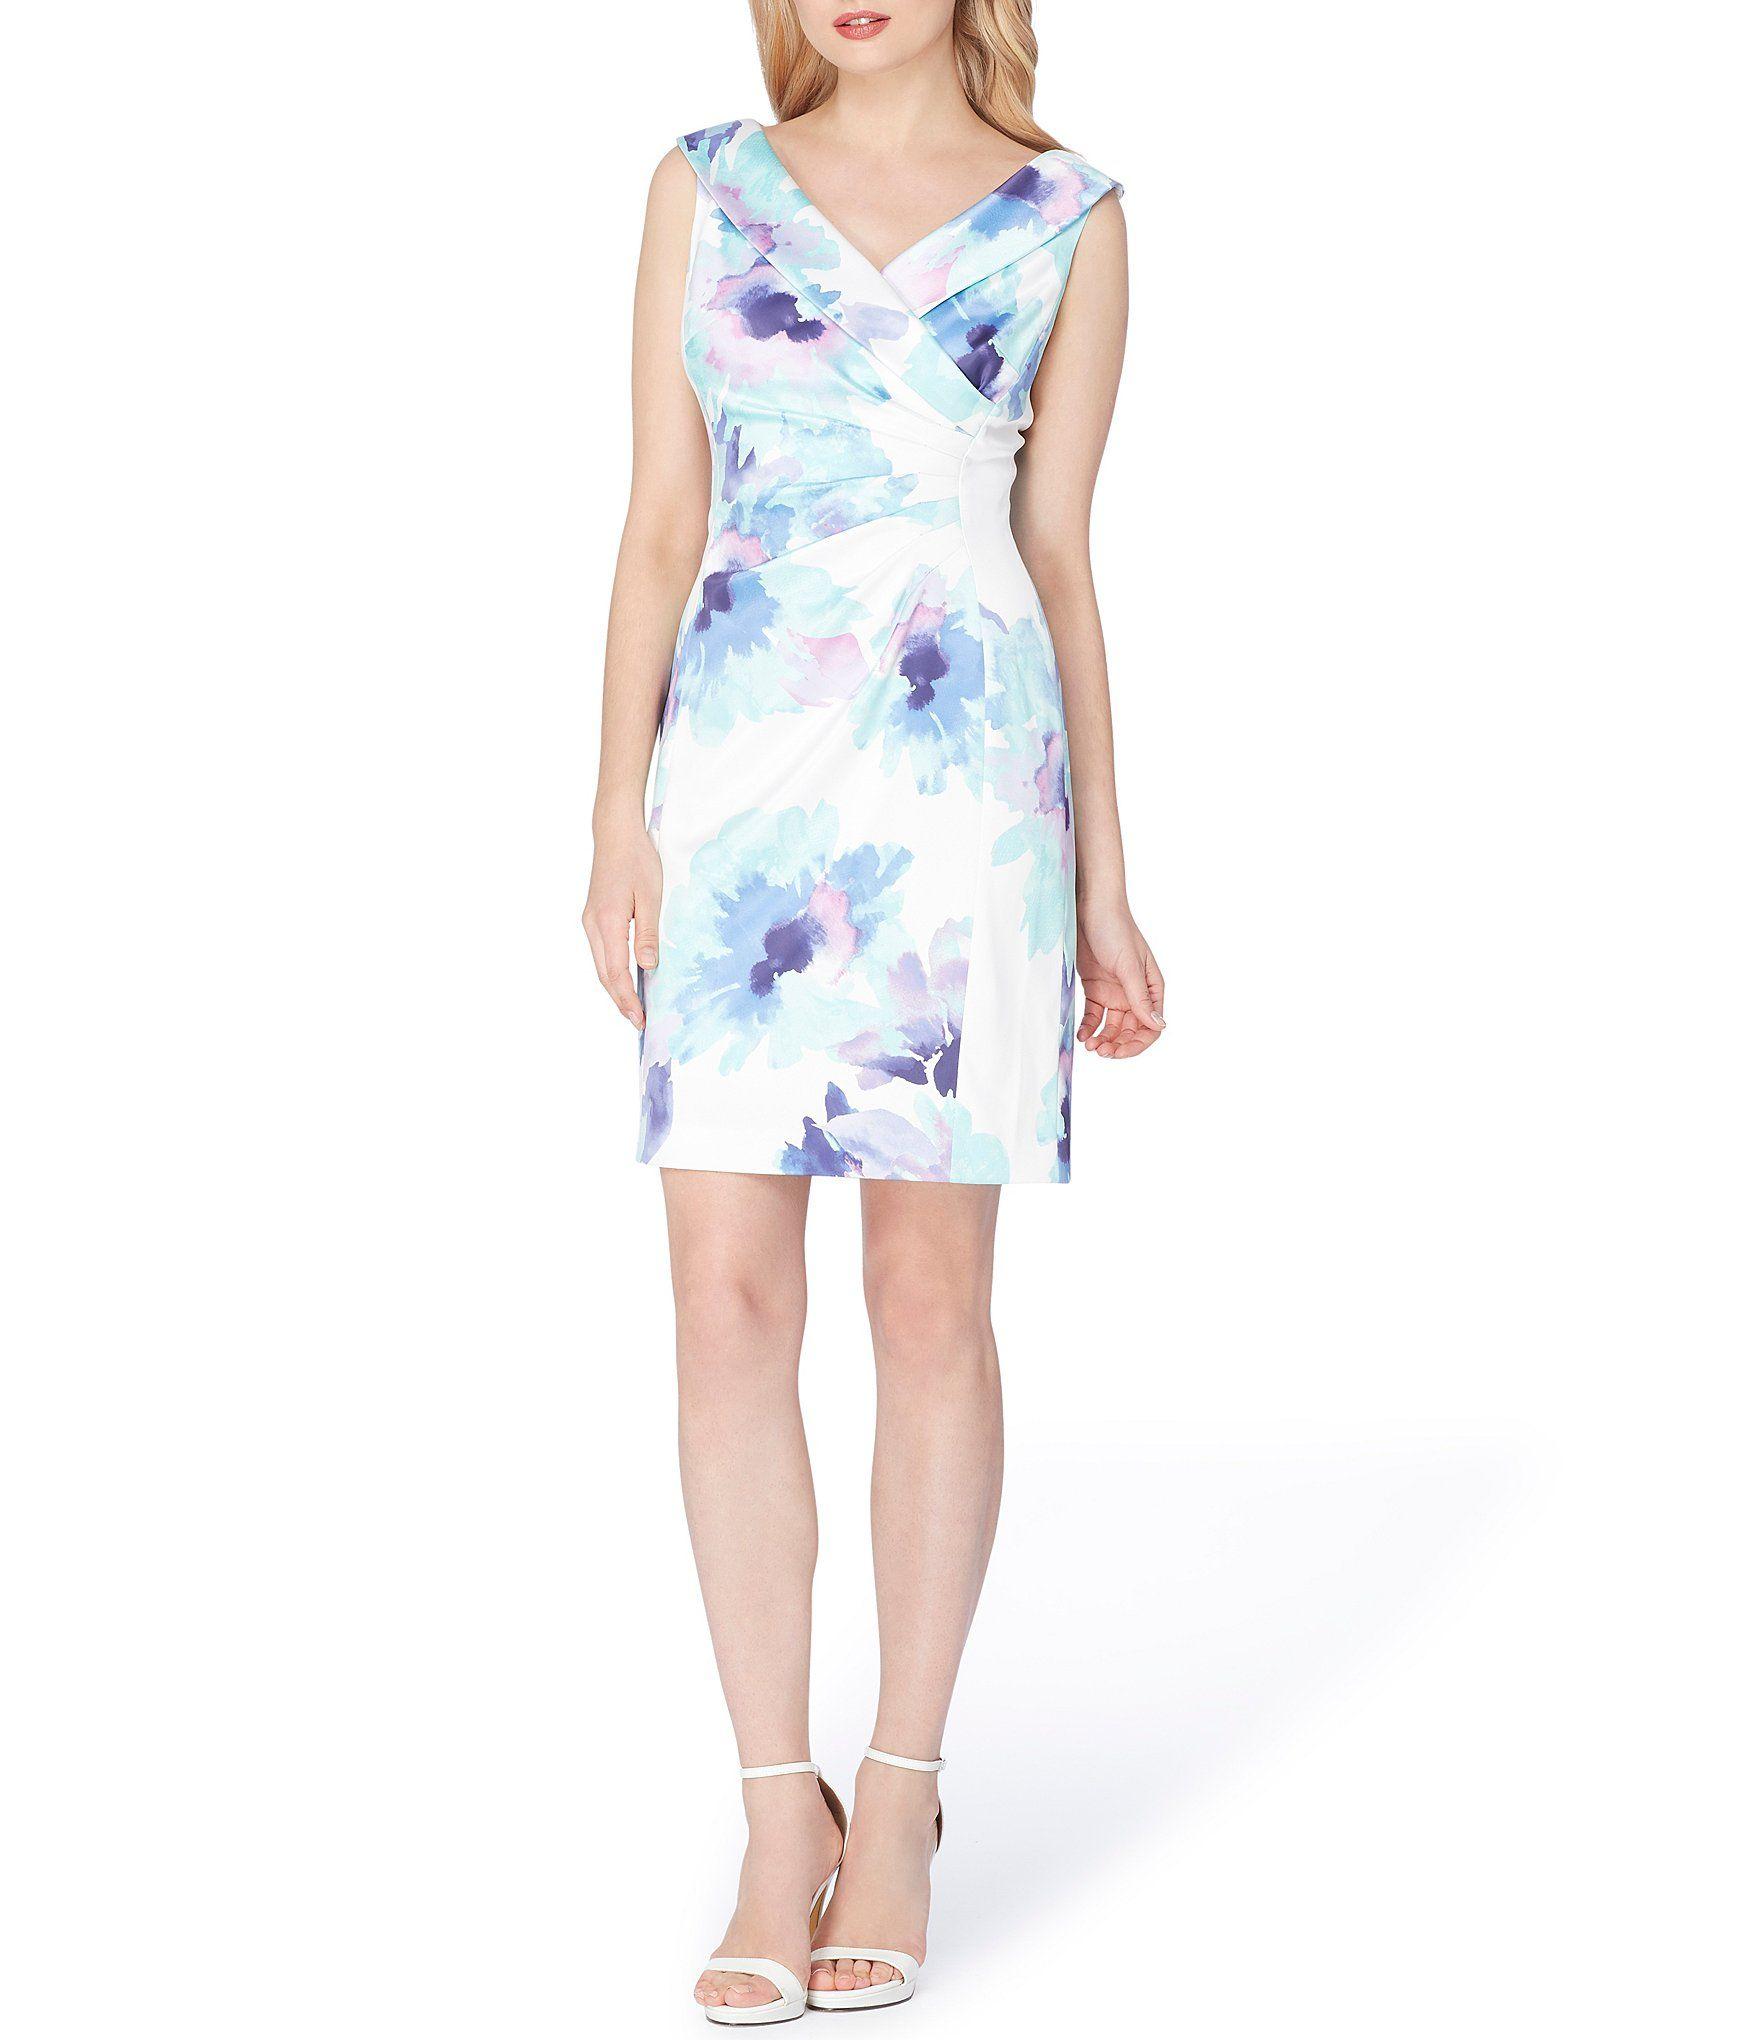 7ed7b455adf5 Tahari ASL Floral Printed Stretch Satin Sheath Dress #Dillards ...